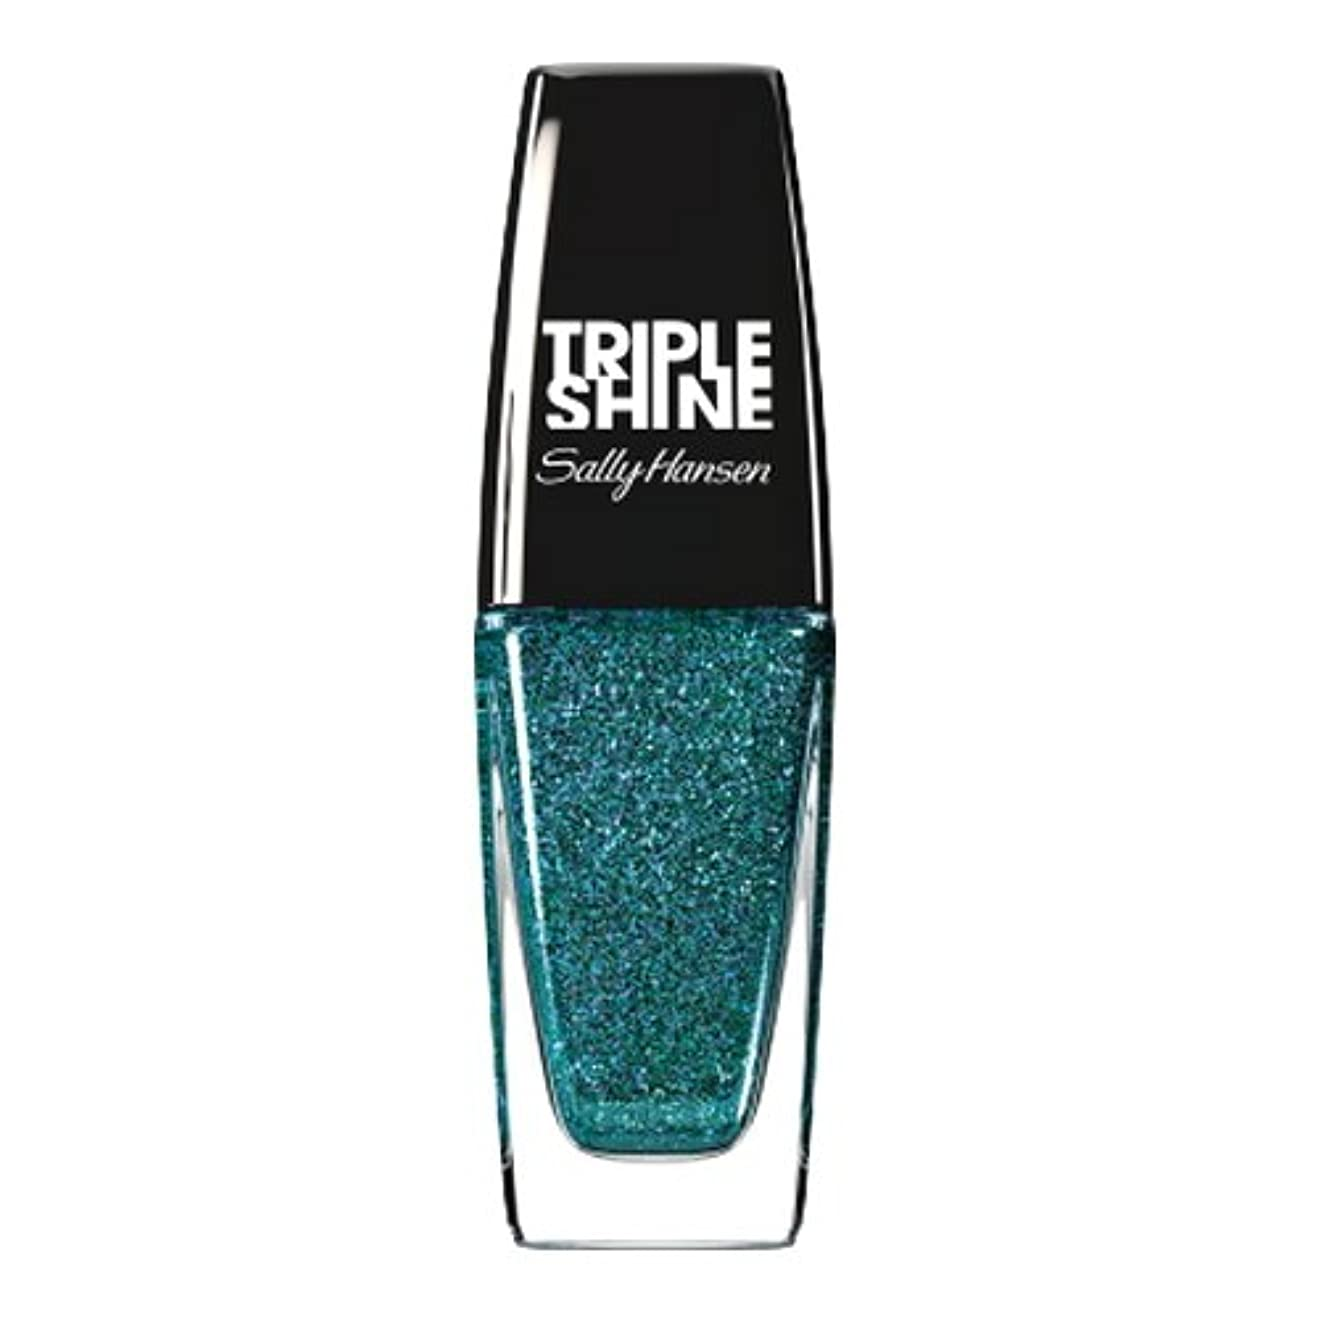 大胆不敵バウンス衝突するSALLY HANSEN Triple Shine Nail Polish - Sparkling Water (並行輸入品)